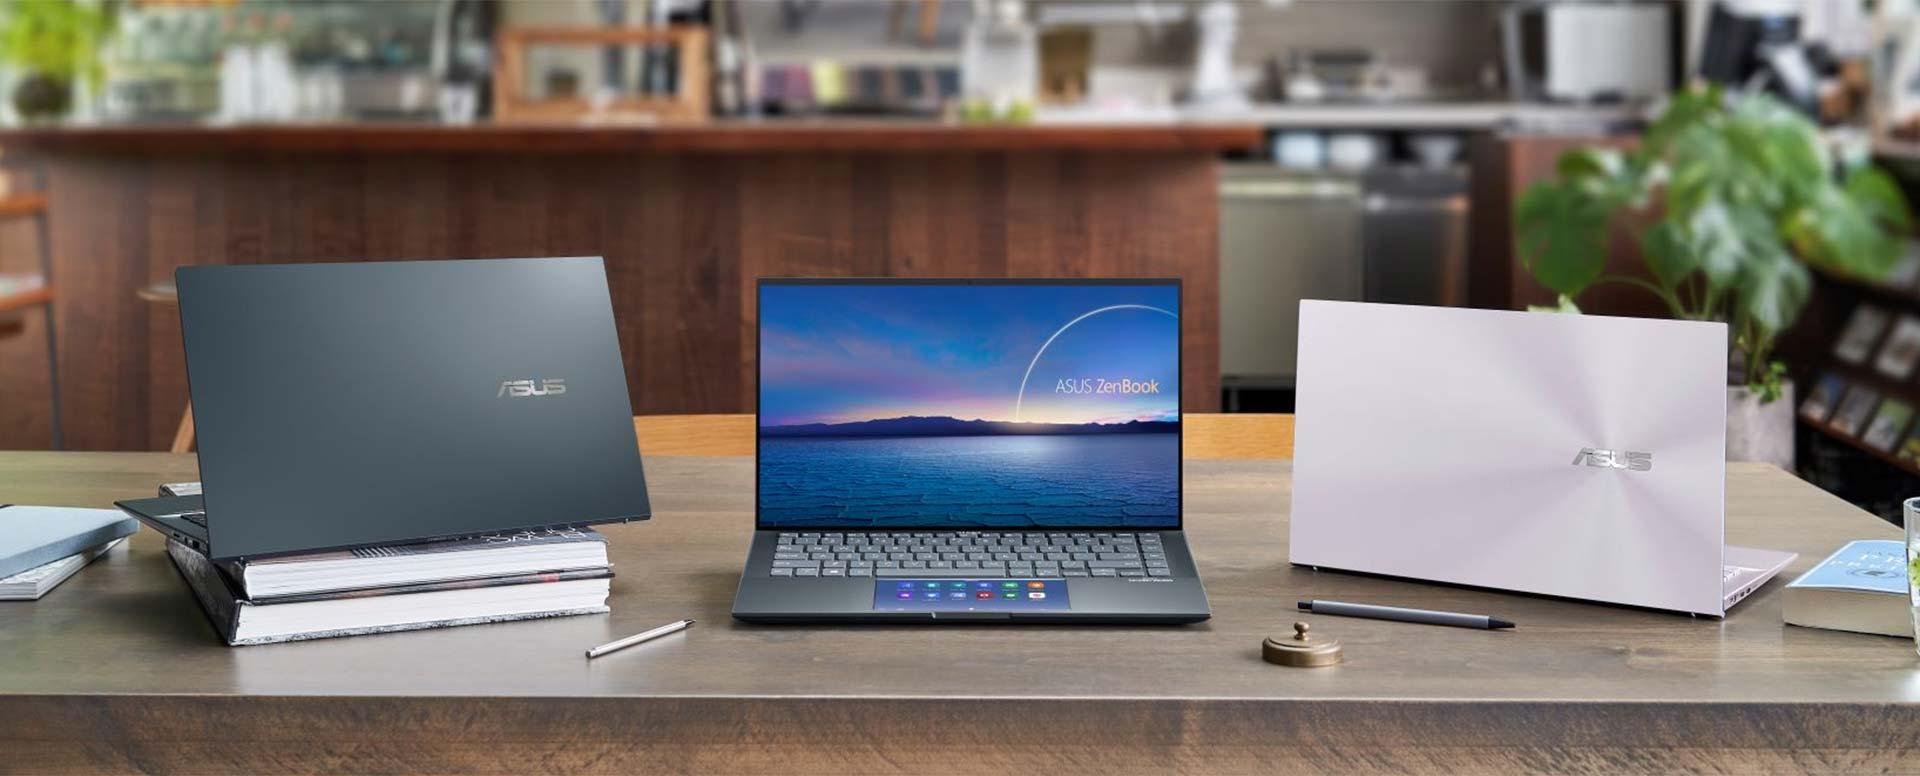 asus-zenbook-ux435s